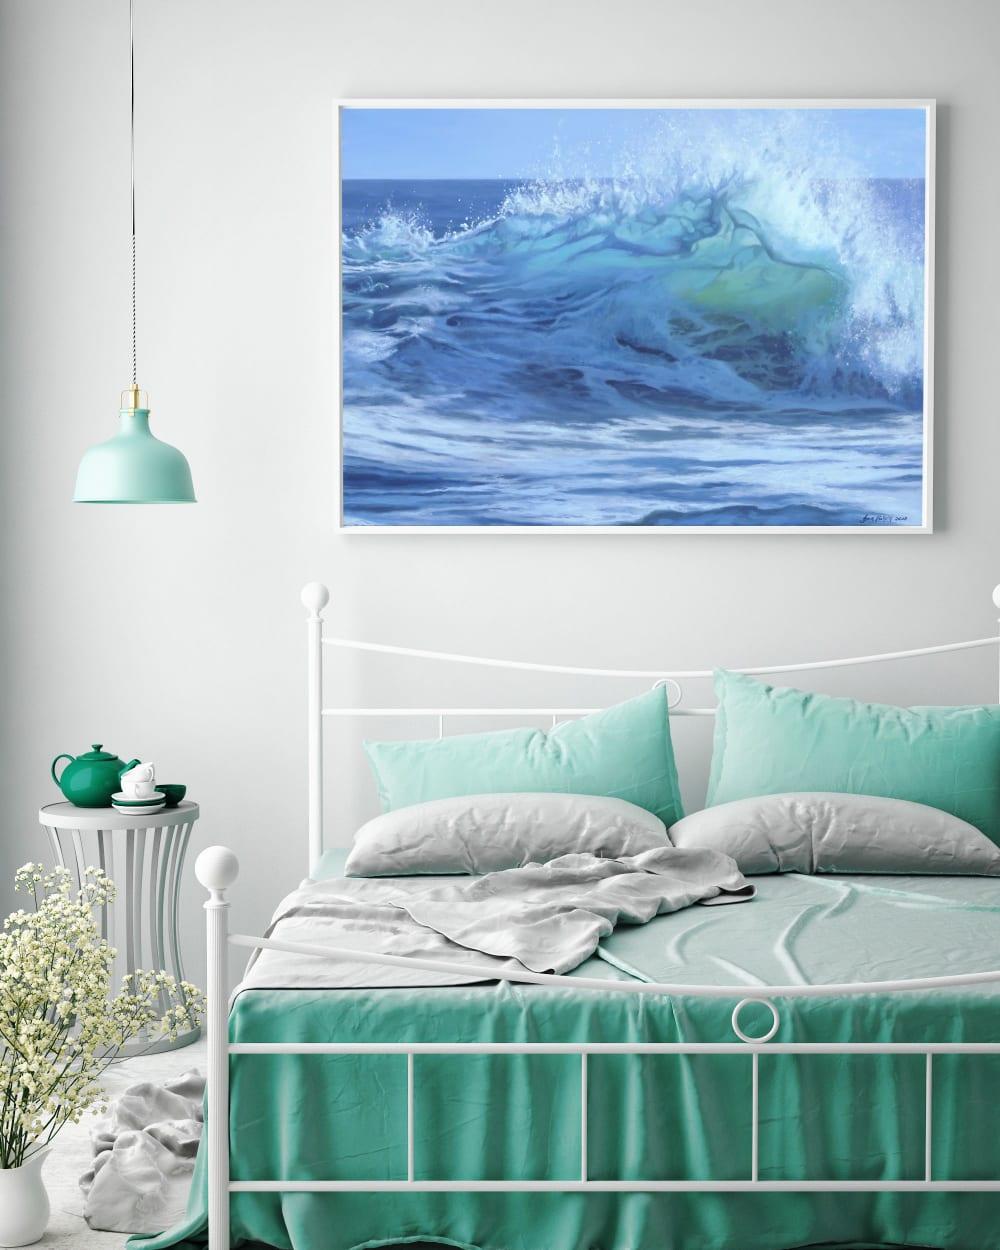 Crashing waves ocean painting